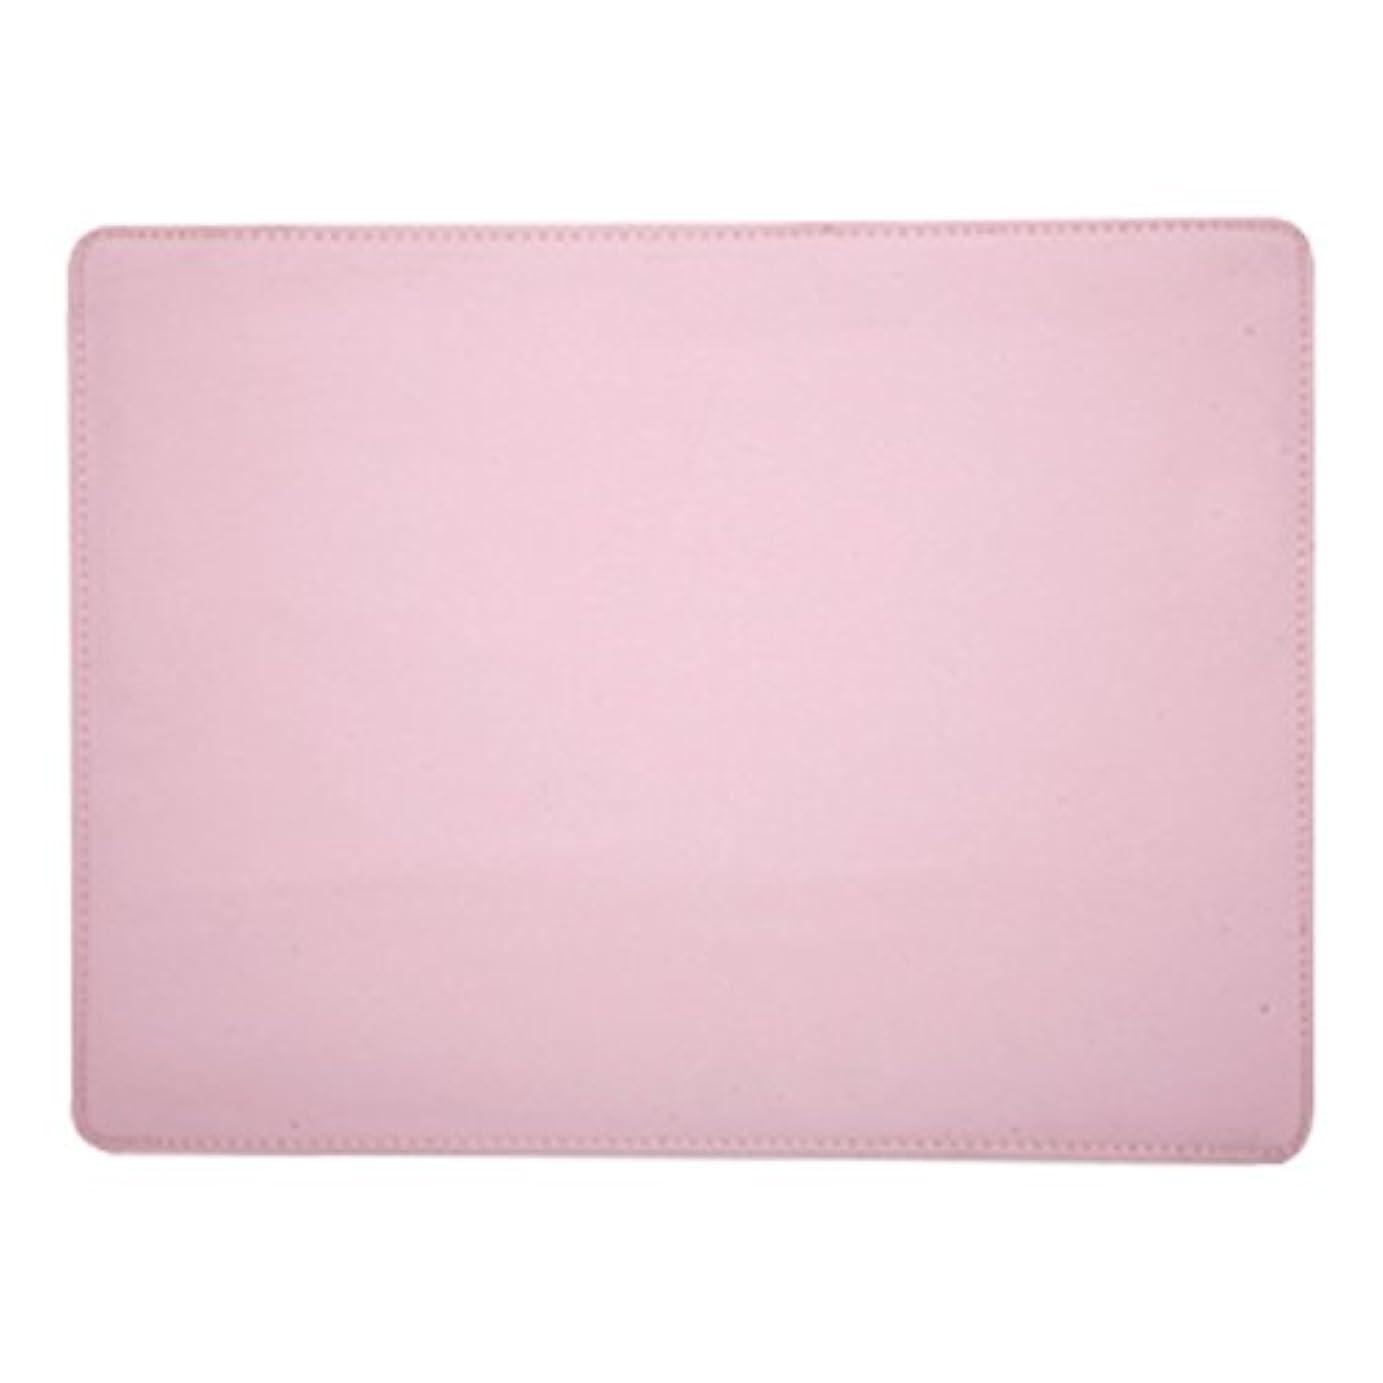 旋回倒錯影のある< エトゥベラ > ネイルマット ピンク [ ネイルシート ネイルマット ネイルクロス ネイル マット シート クロス テーブル敷き ジェルネイル ネイルサロン ]